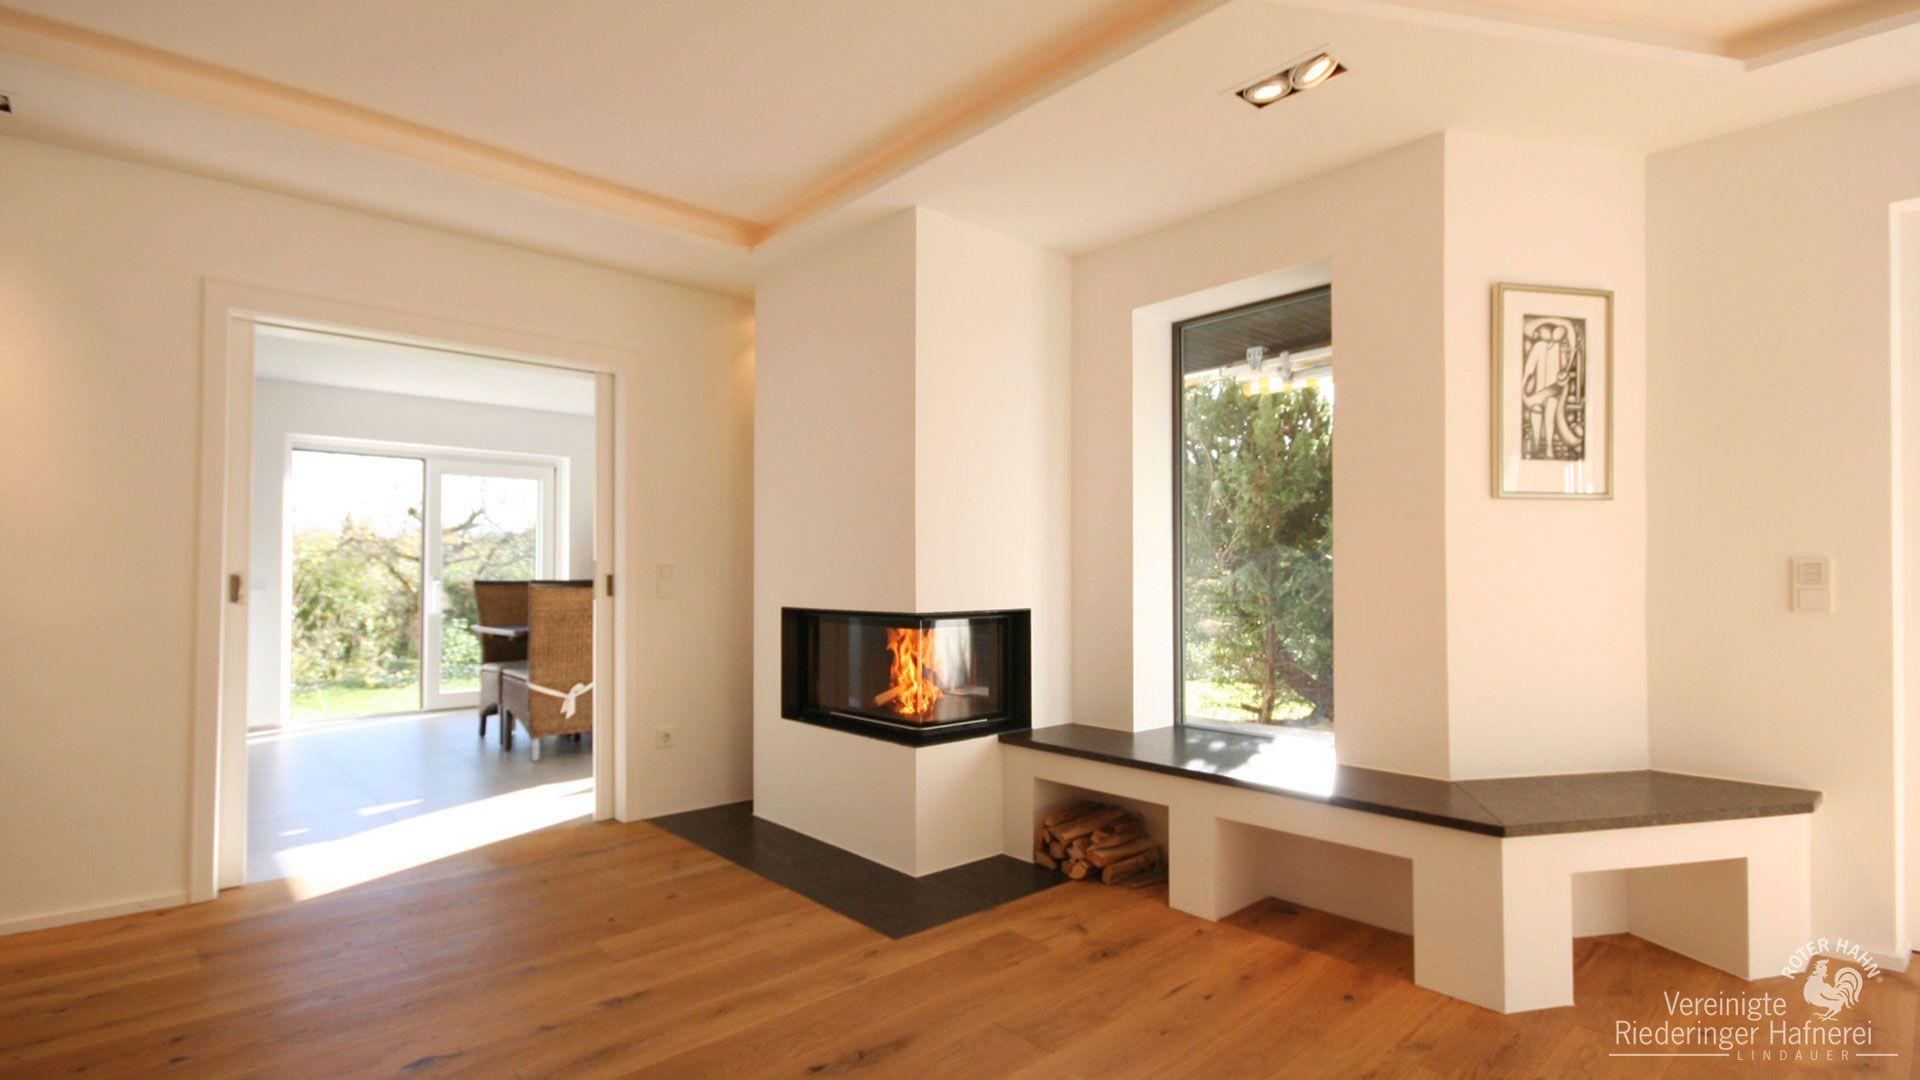 moderne kamine wasserf hrende kamine in m nchen und ganz bayern oberbayern ofen. Black Bedroom Furniture Sets. Home Design Ideas